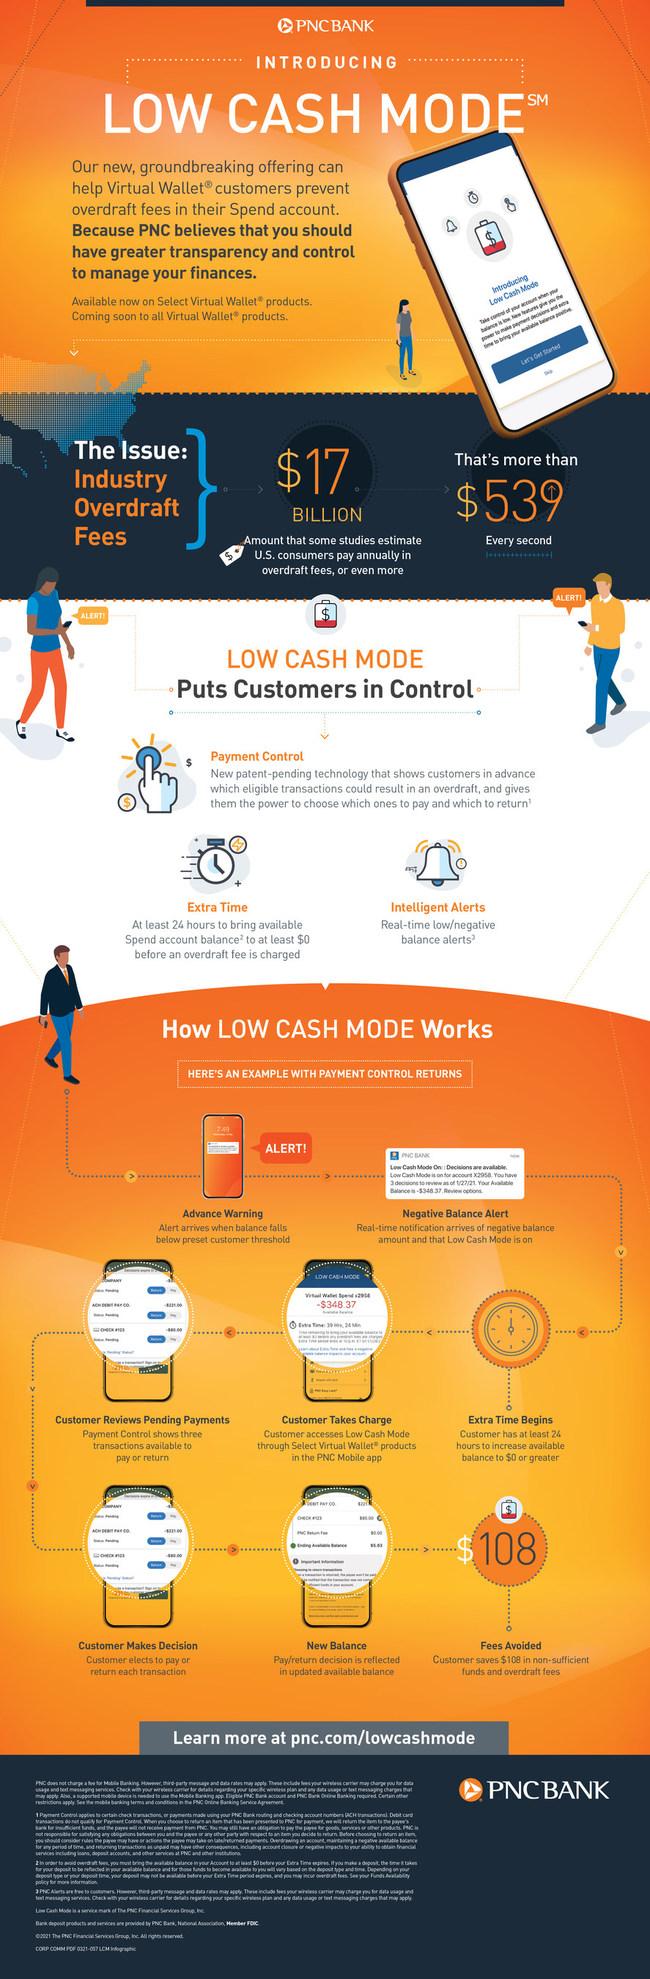 PNC_Low_Cash_Mode_Infographic